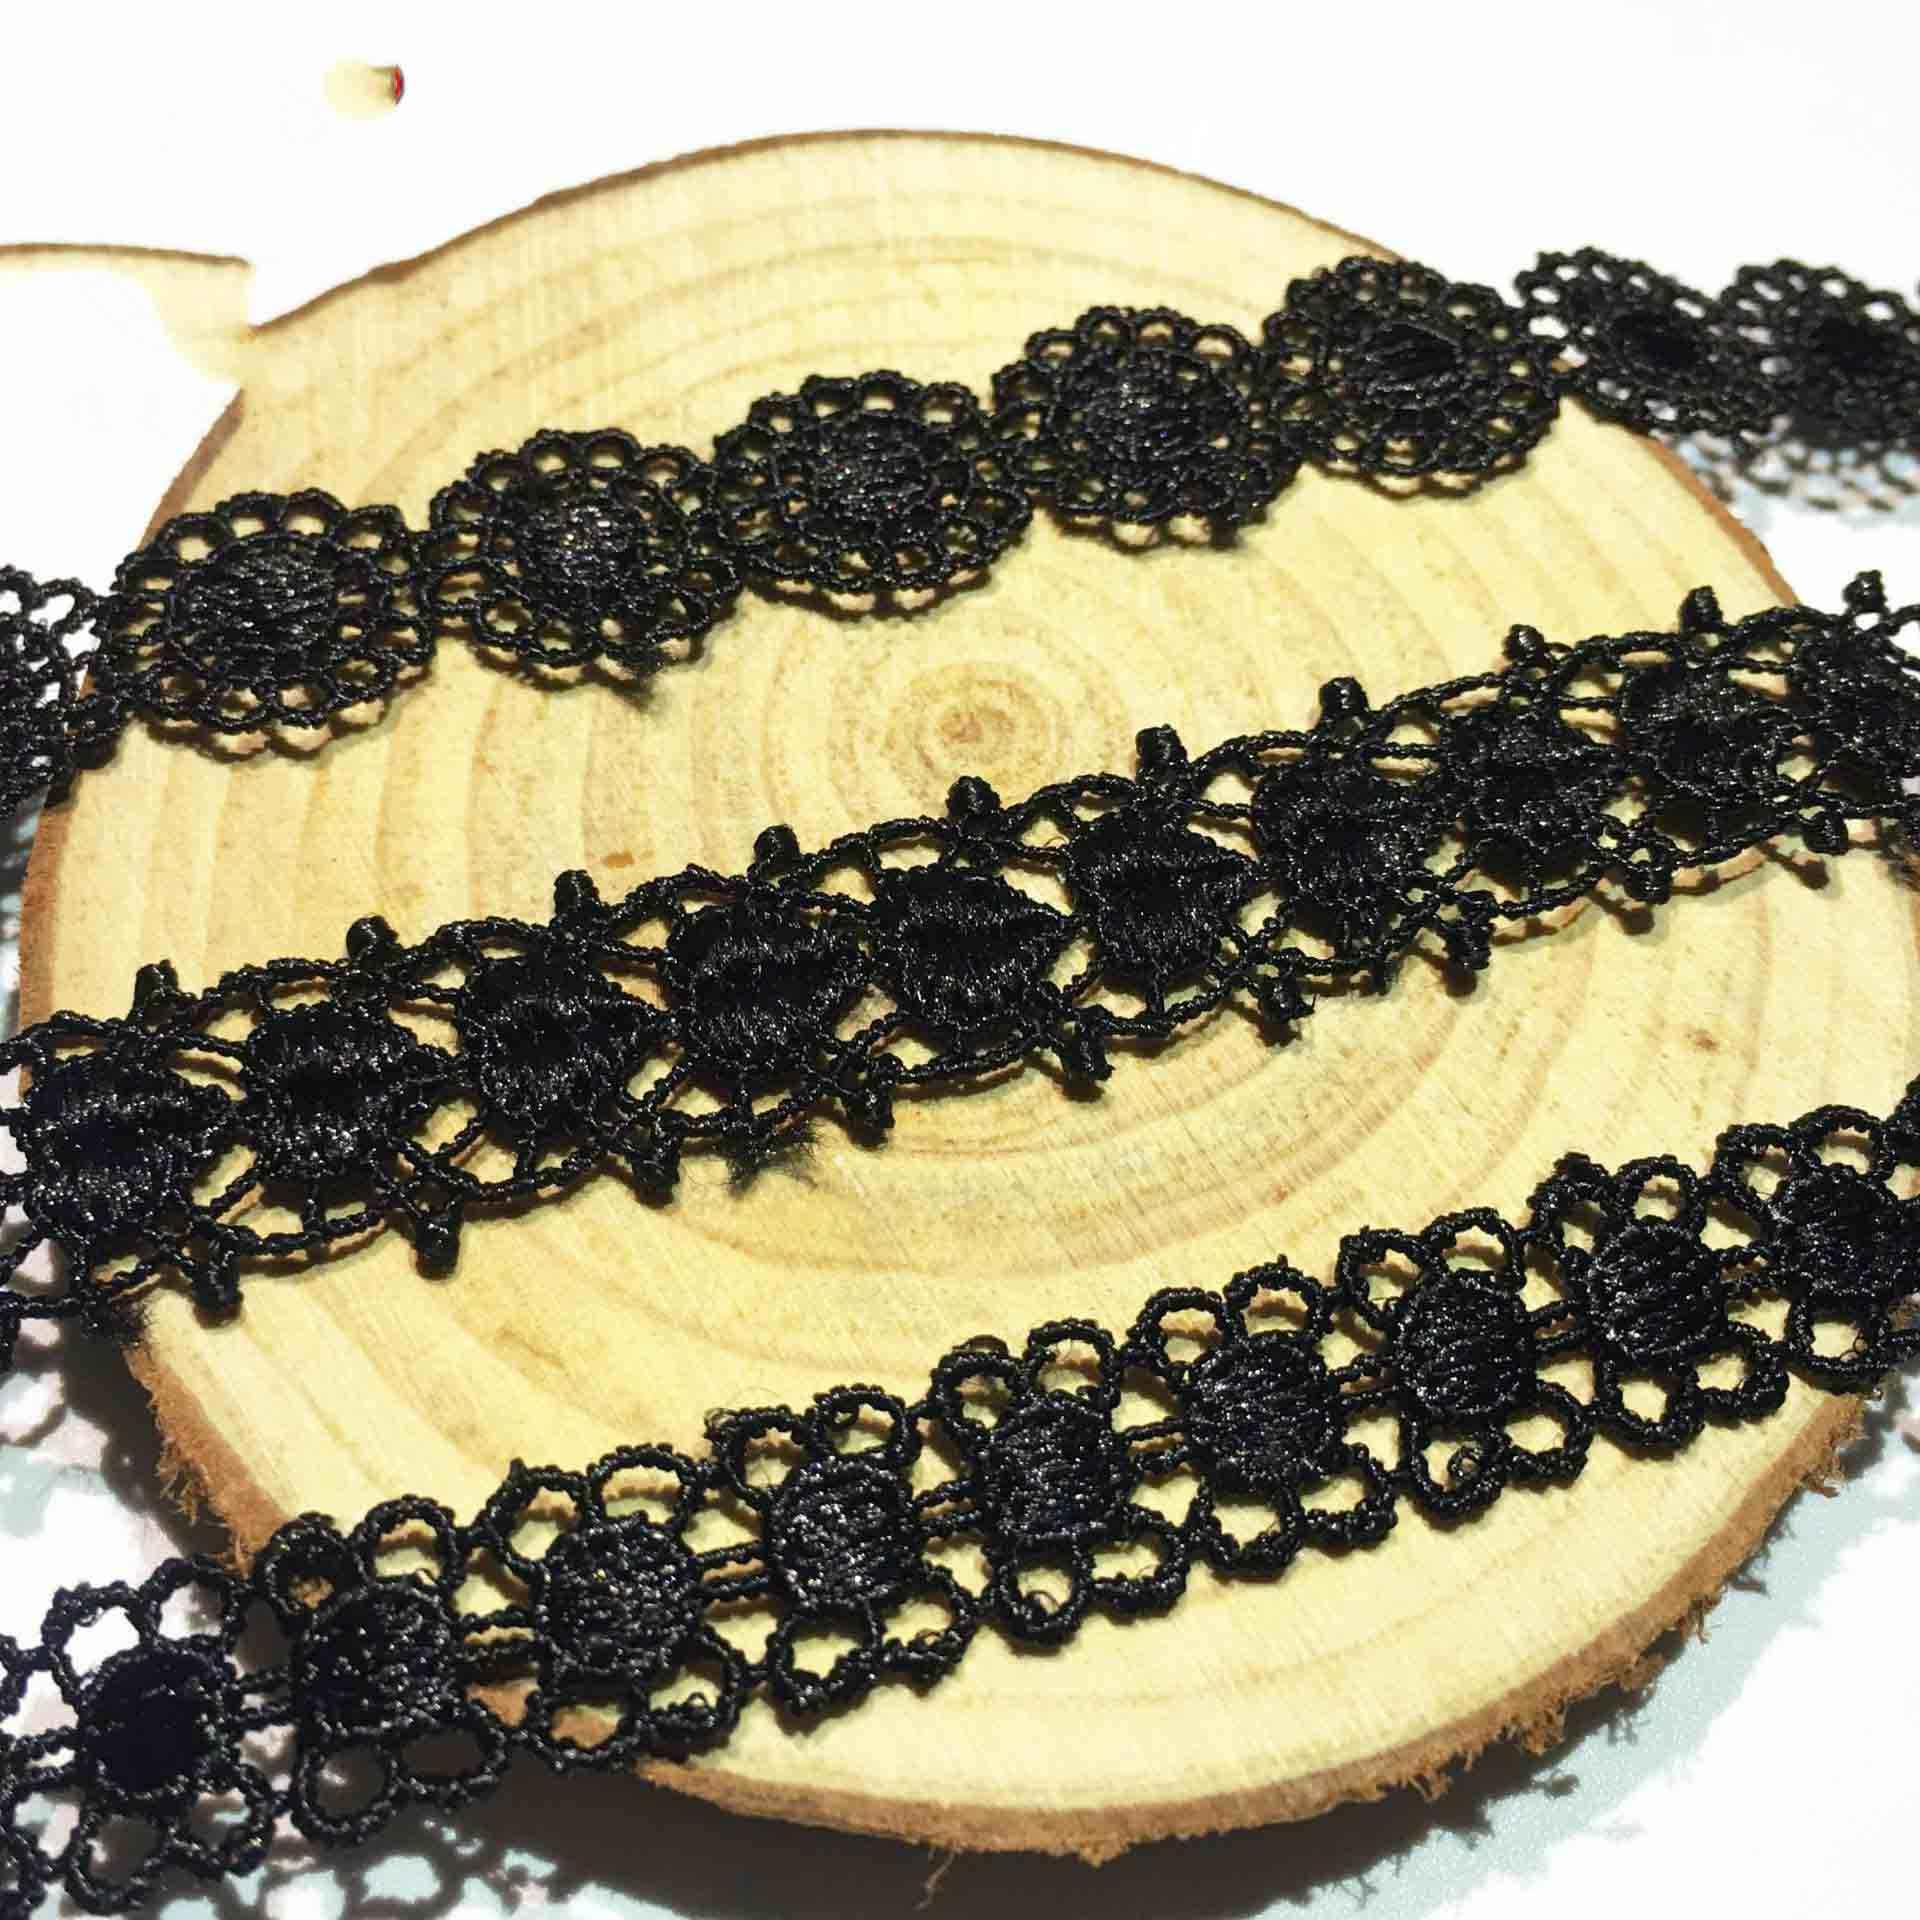 1.5cm taśma koronkowa dwustronne rękodzieło haftowane koronki netto wykończenia dla DIY szycia ręcznie materiały rzemieślnicze dekoracji